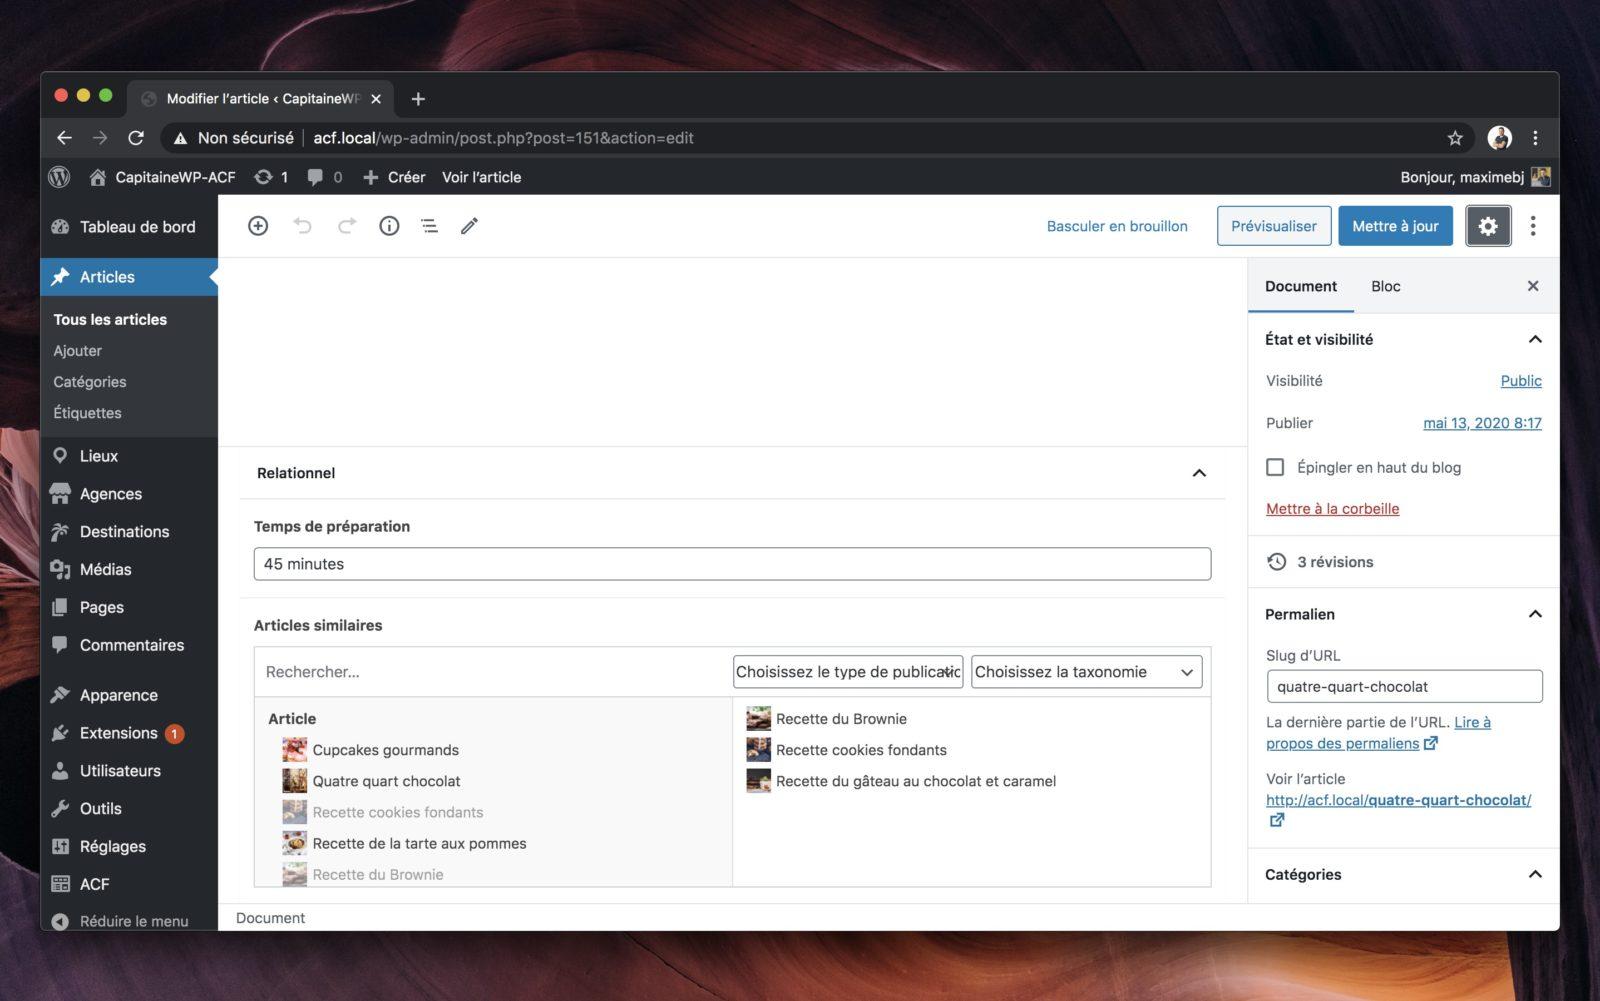 Capture d'écran de l'éditeur de WordPress, avec le champ relationnel en bas